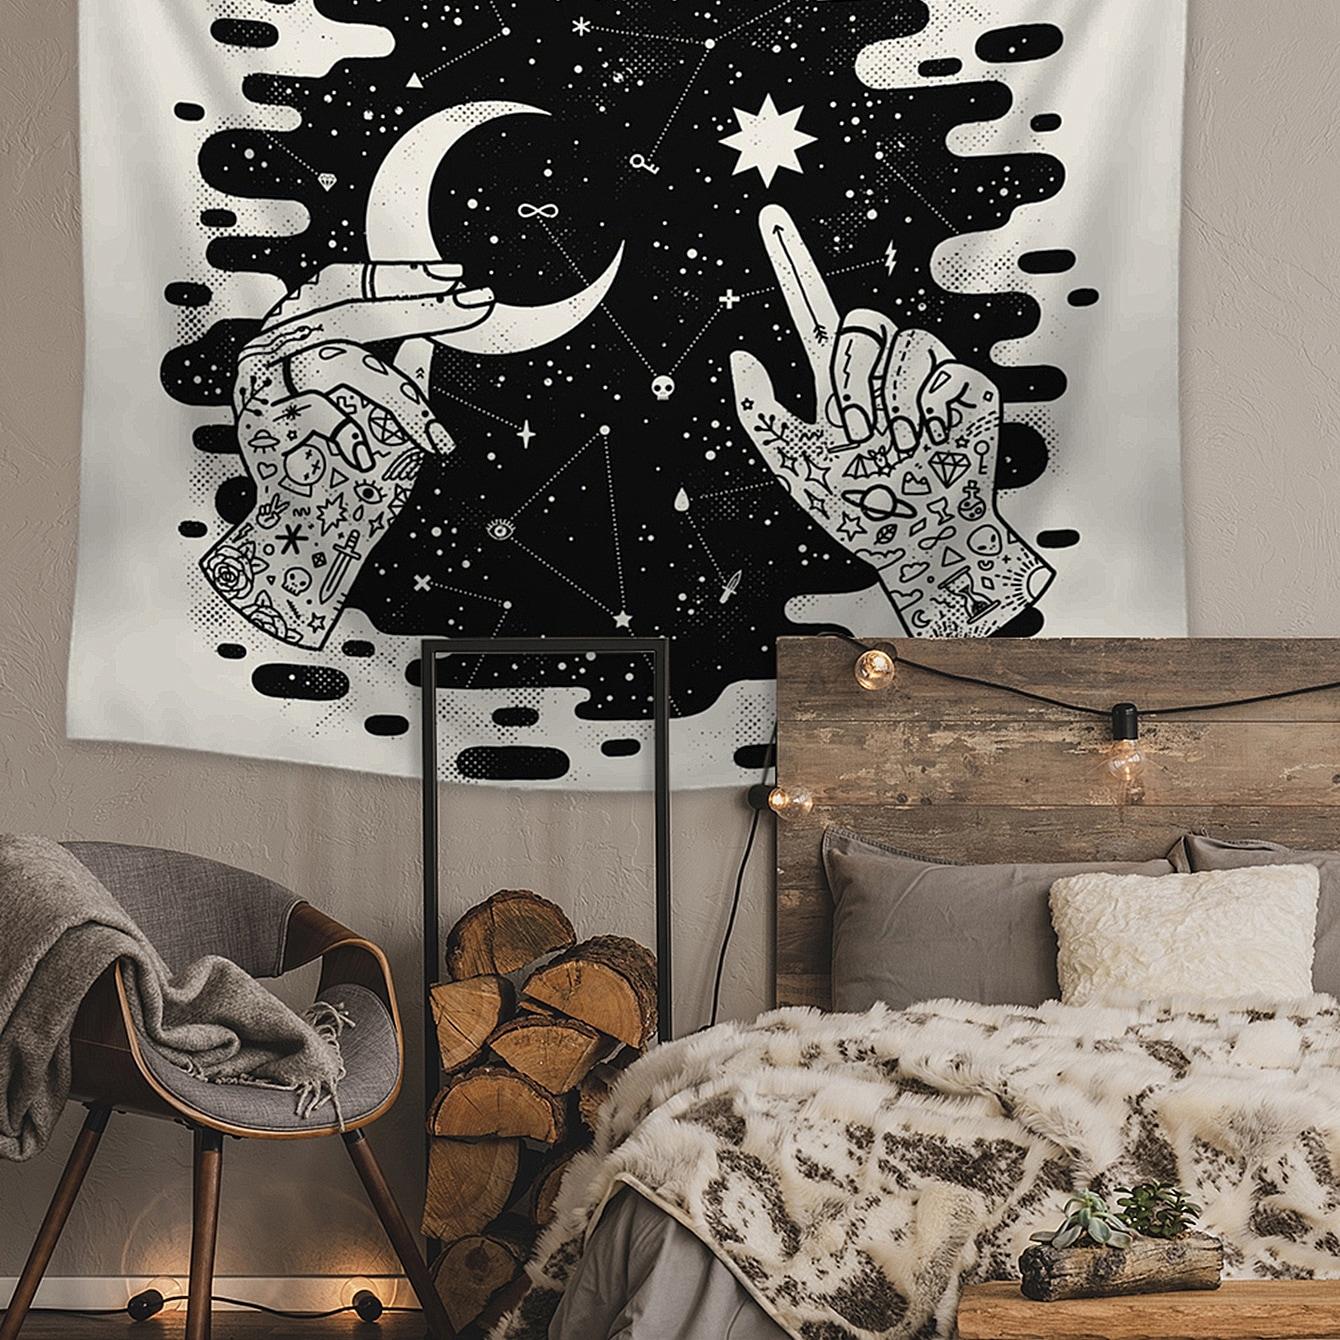 SHEIN / Tapisserie mit Mond & Stern Muster